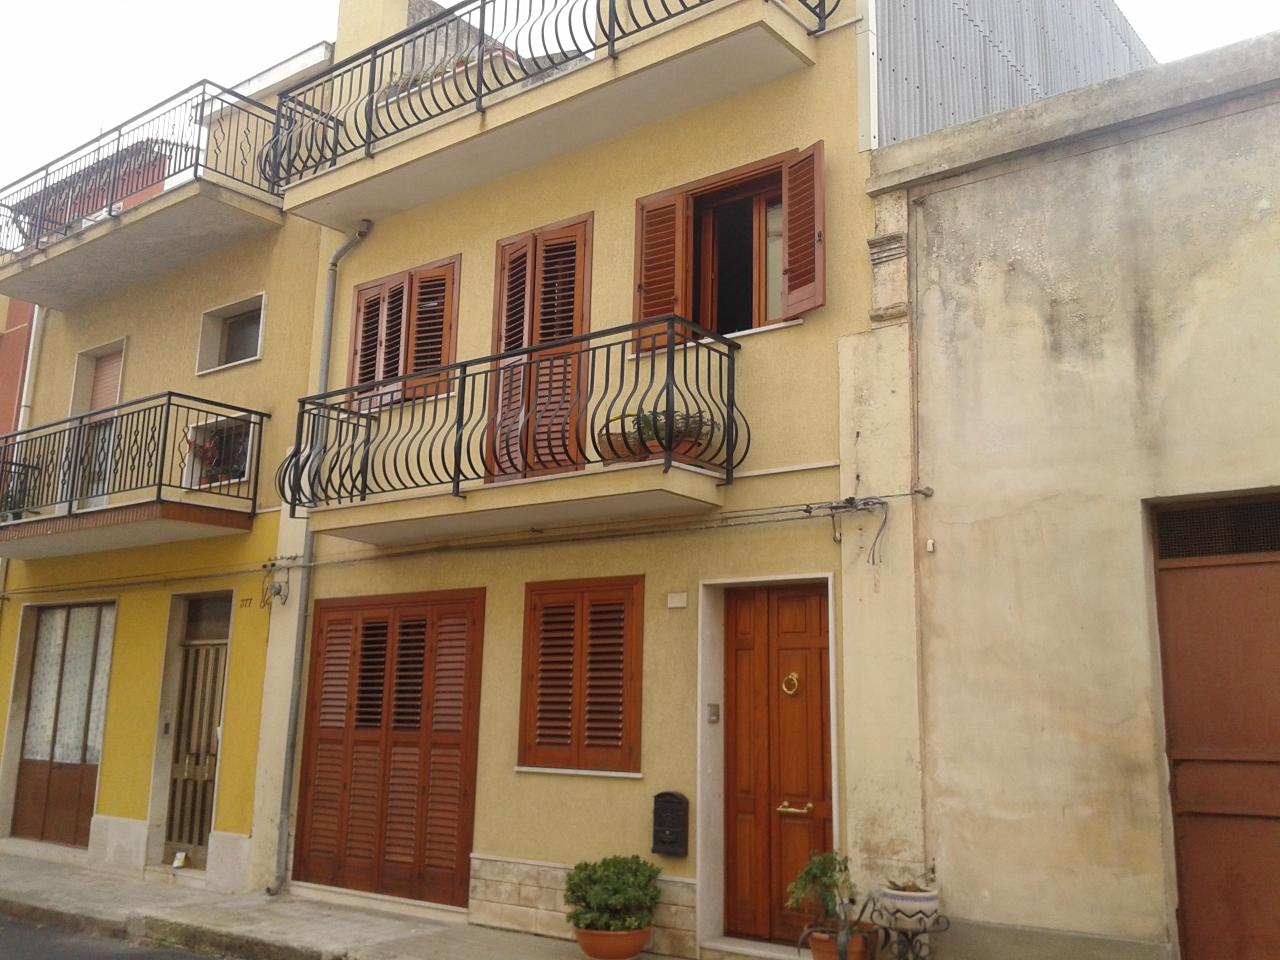 Casa Indipendente in vendita Rif. 4166229